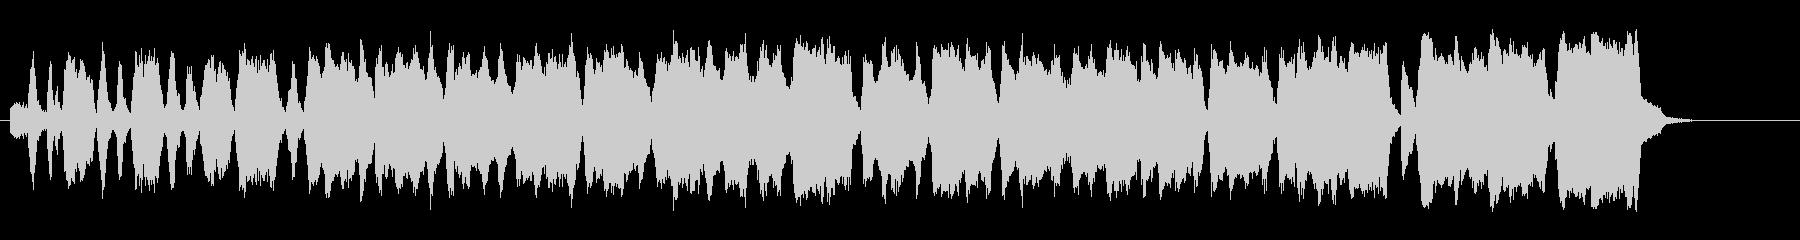 オーケストラノスタルジックサーカス...の未再生の波形